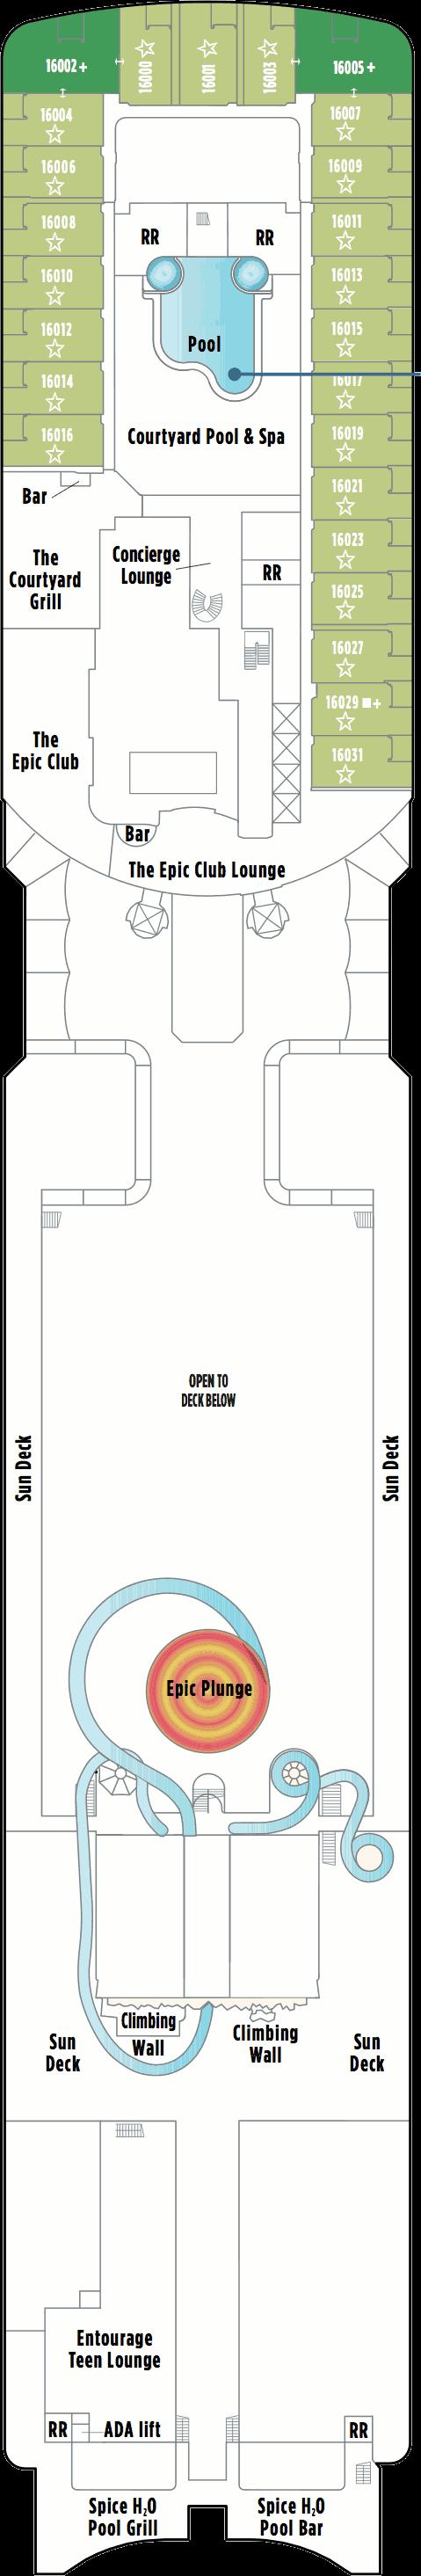 Norwegian Epic Deck 16